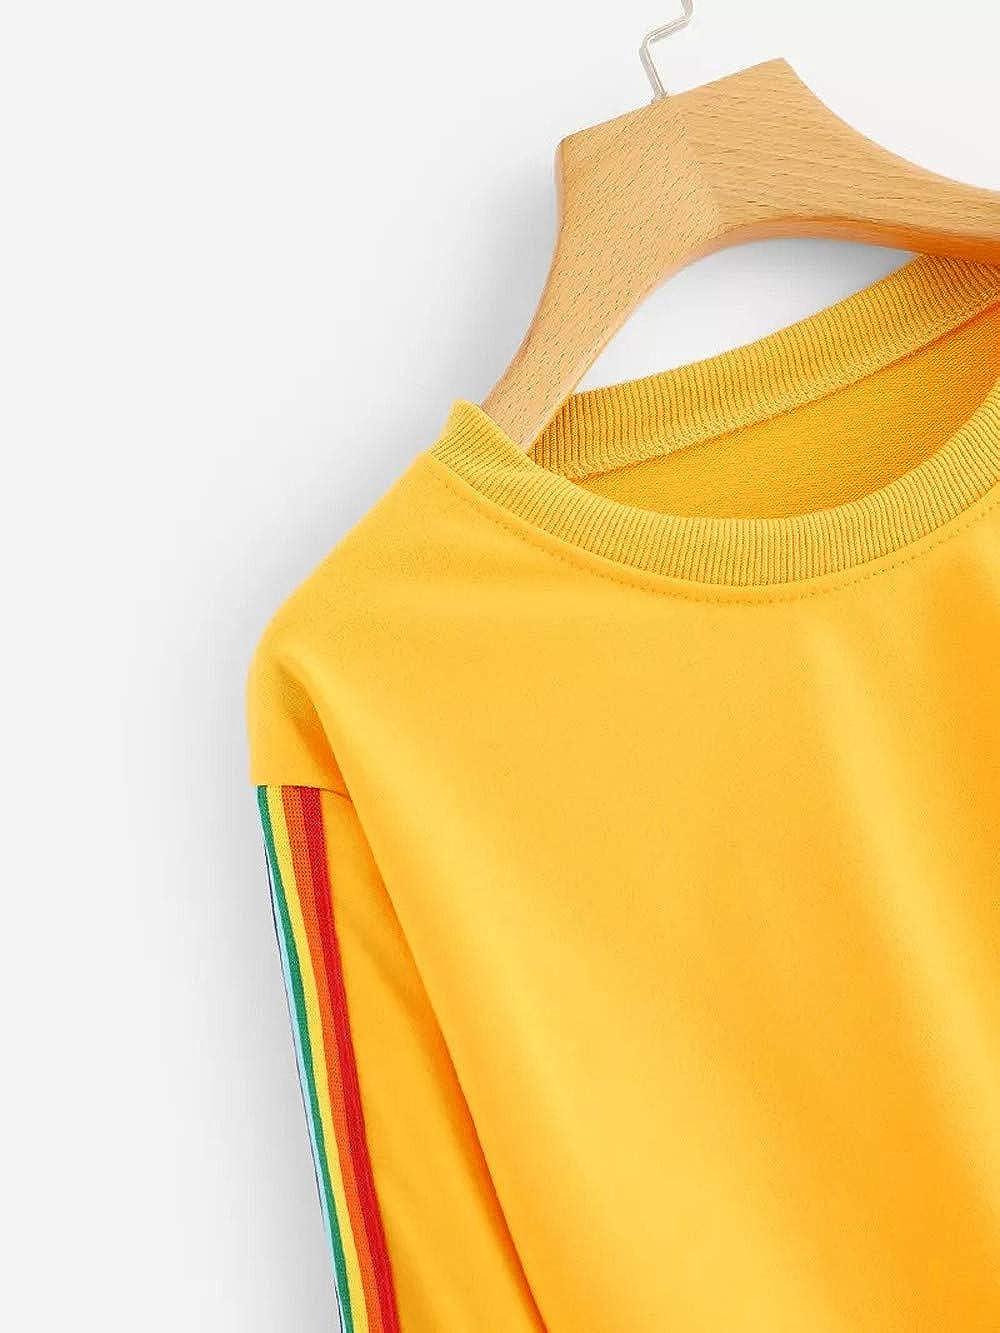 Homebaby Felpa Felpe Corte Tumblr Ragazza Donna Rainbow,Ragazza Sweatshirt Elegante Pullover Autunno Manica Lunga Crop Top Maglietta Cotone Camicette T-Shirt Yoga Fitness Calcio Sportiva